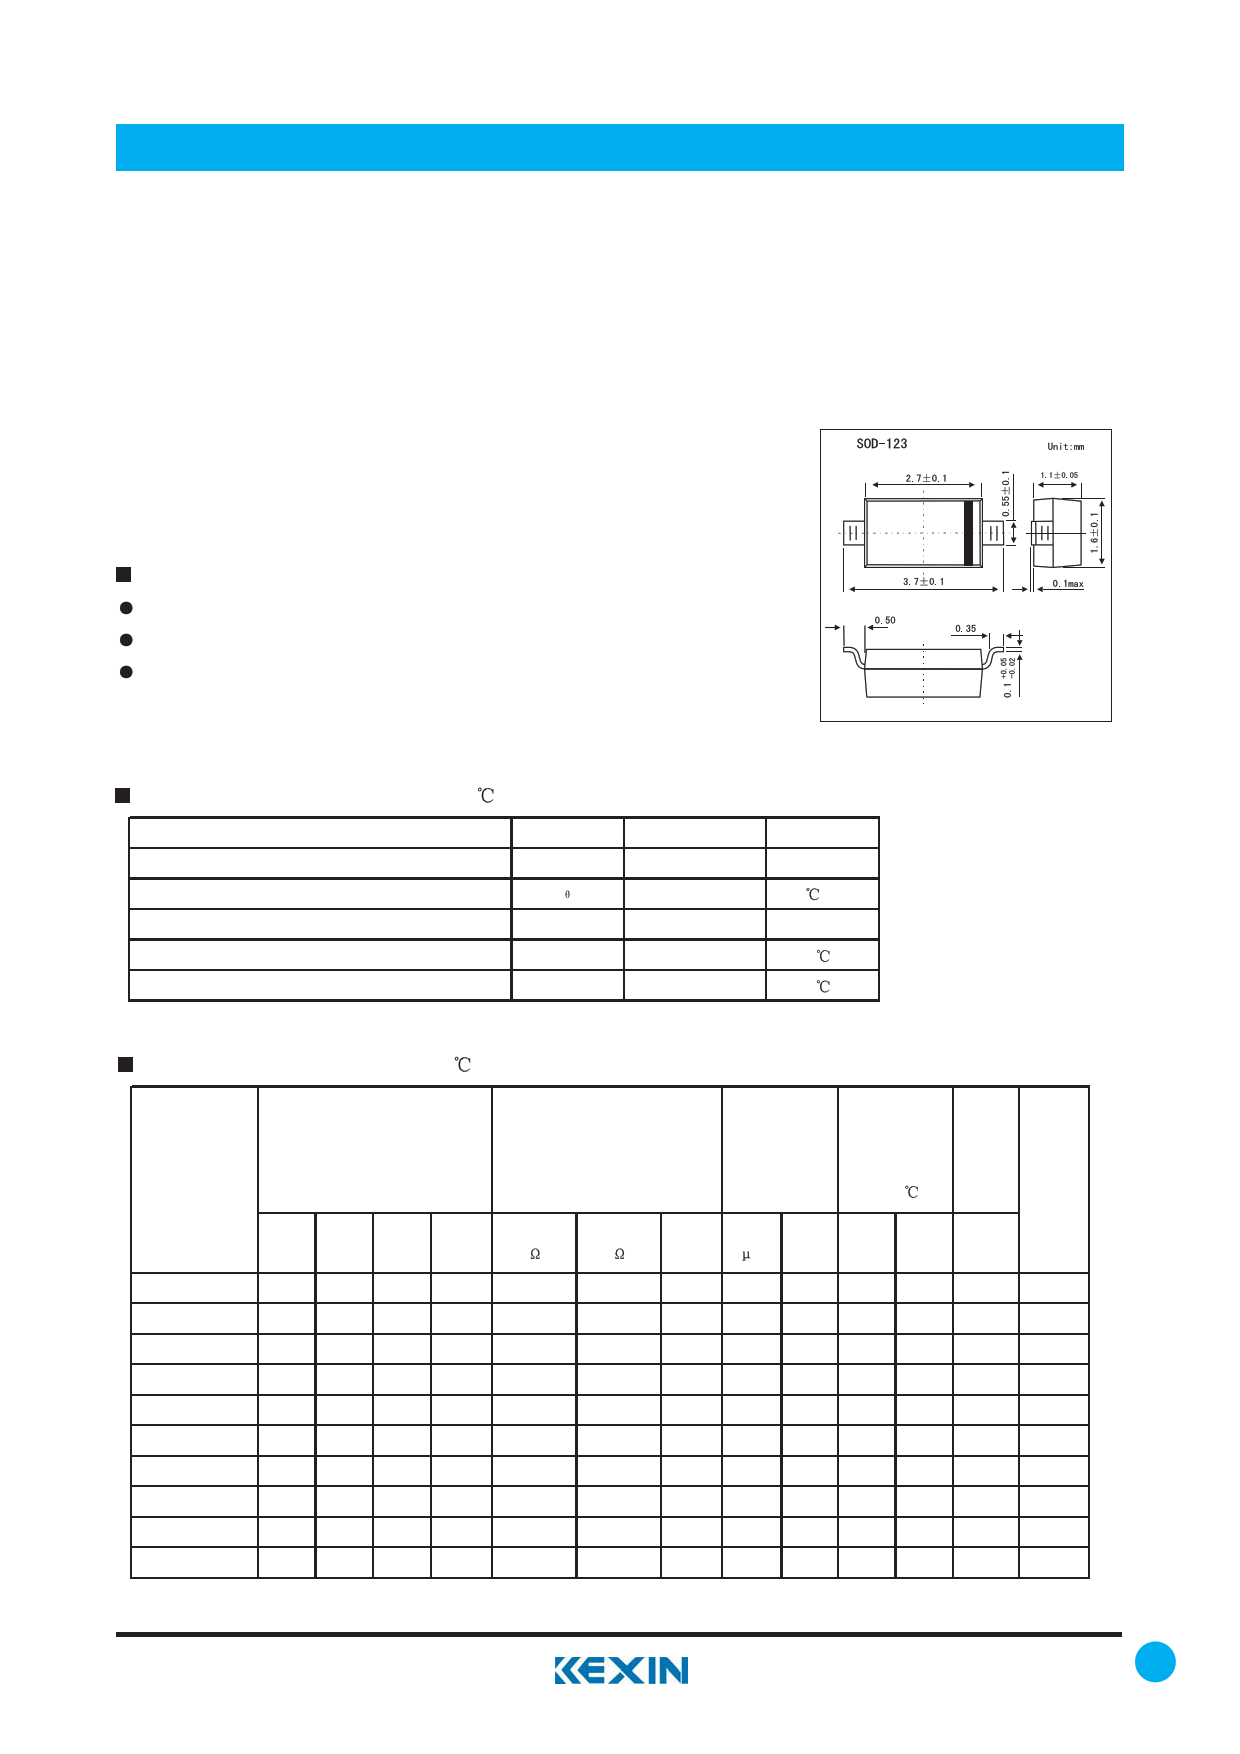 BZT52C11 Datasheet, BZT52C11 PDF,ピン配置, 機能